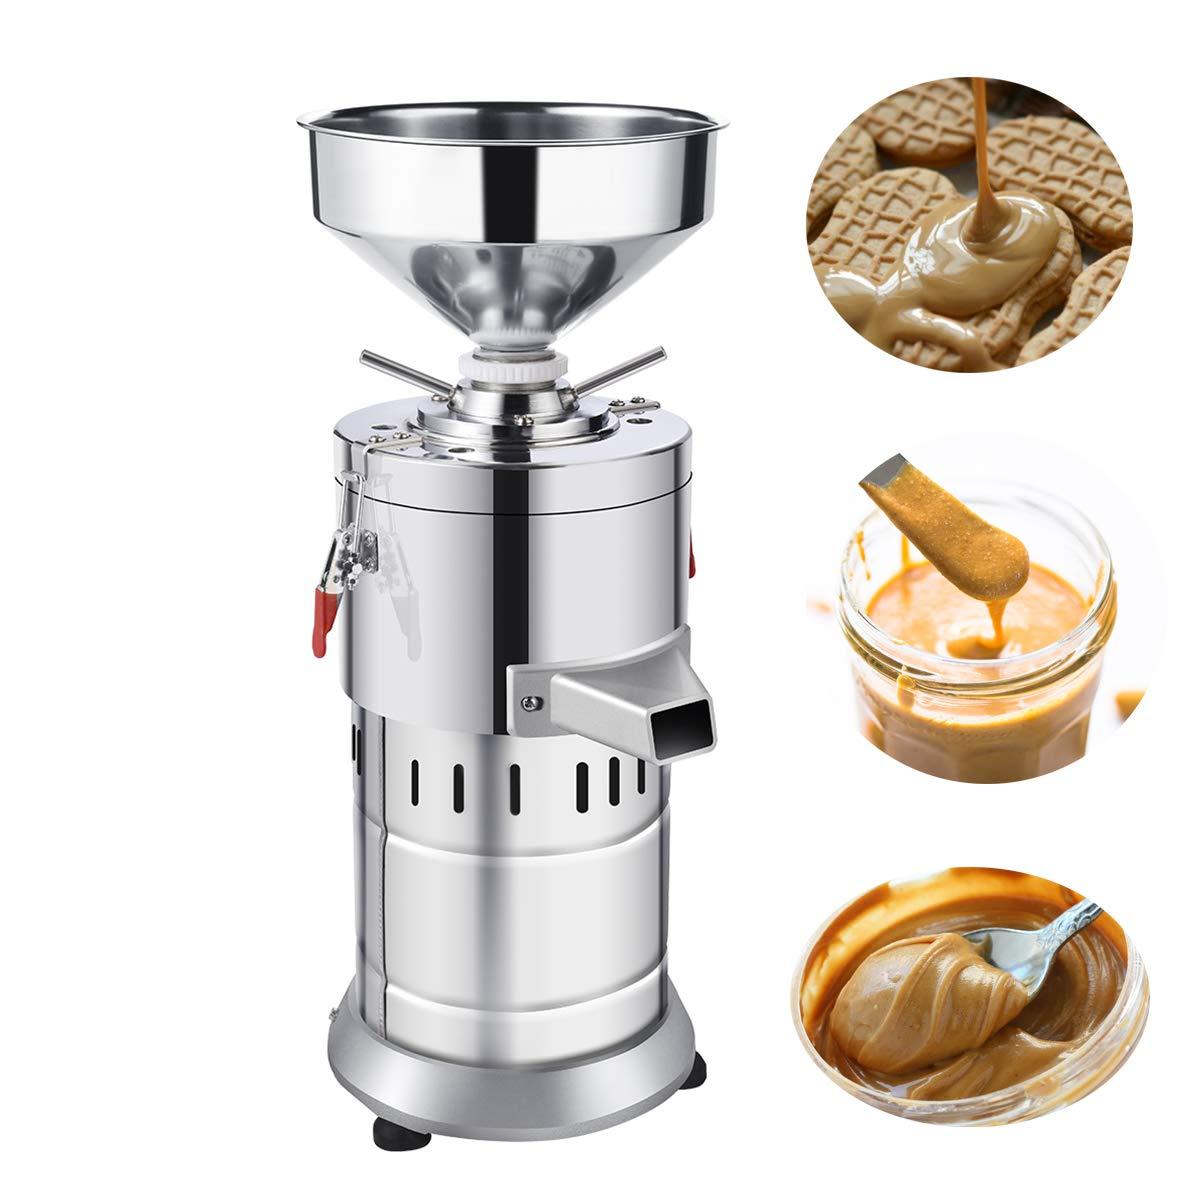 JIAN YA NA 220V Peanut Butter Maker Machine Commercial Peanut Butter Maker Sesame Butter Mill Grinding Machine 15kg/h 1100W by JIAN YA NA